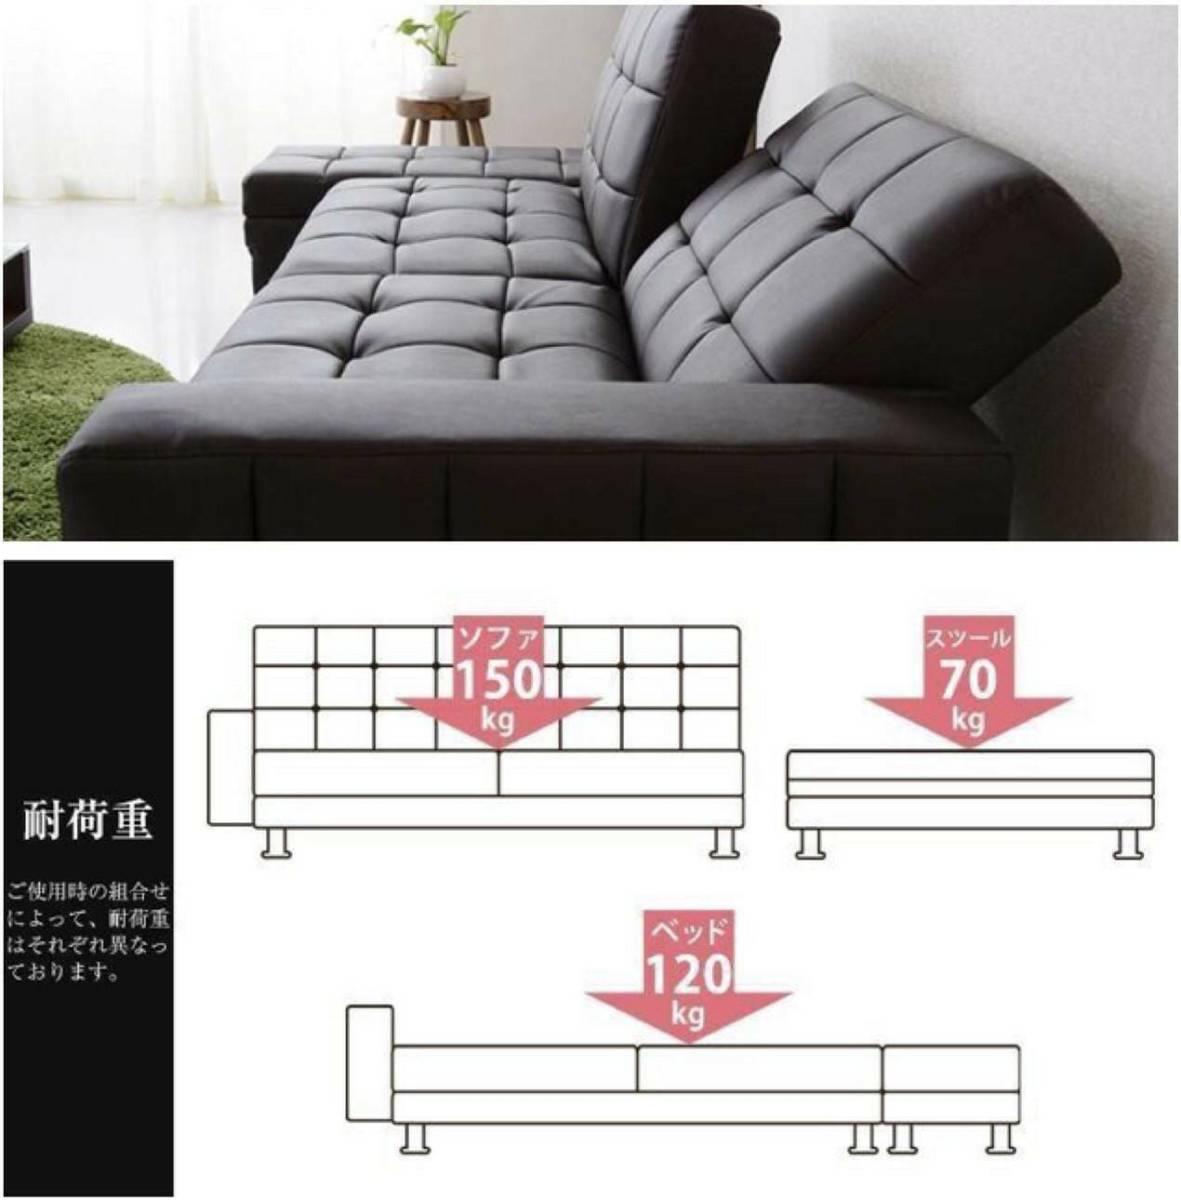 未使用 幅208㎝ 収納付(万能スツール)ソファベッド シングル 2人掛 HIGH&LOW SB001 PVCブラック_画像4